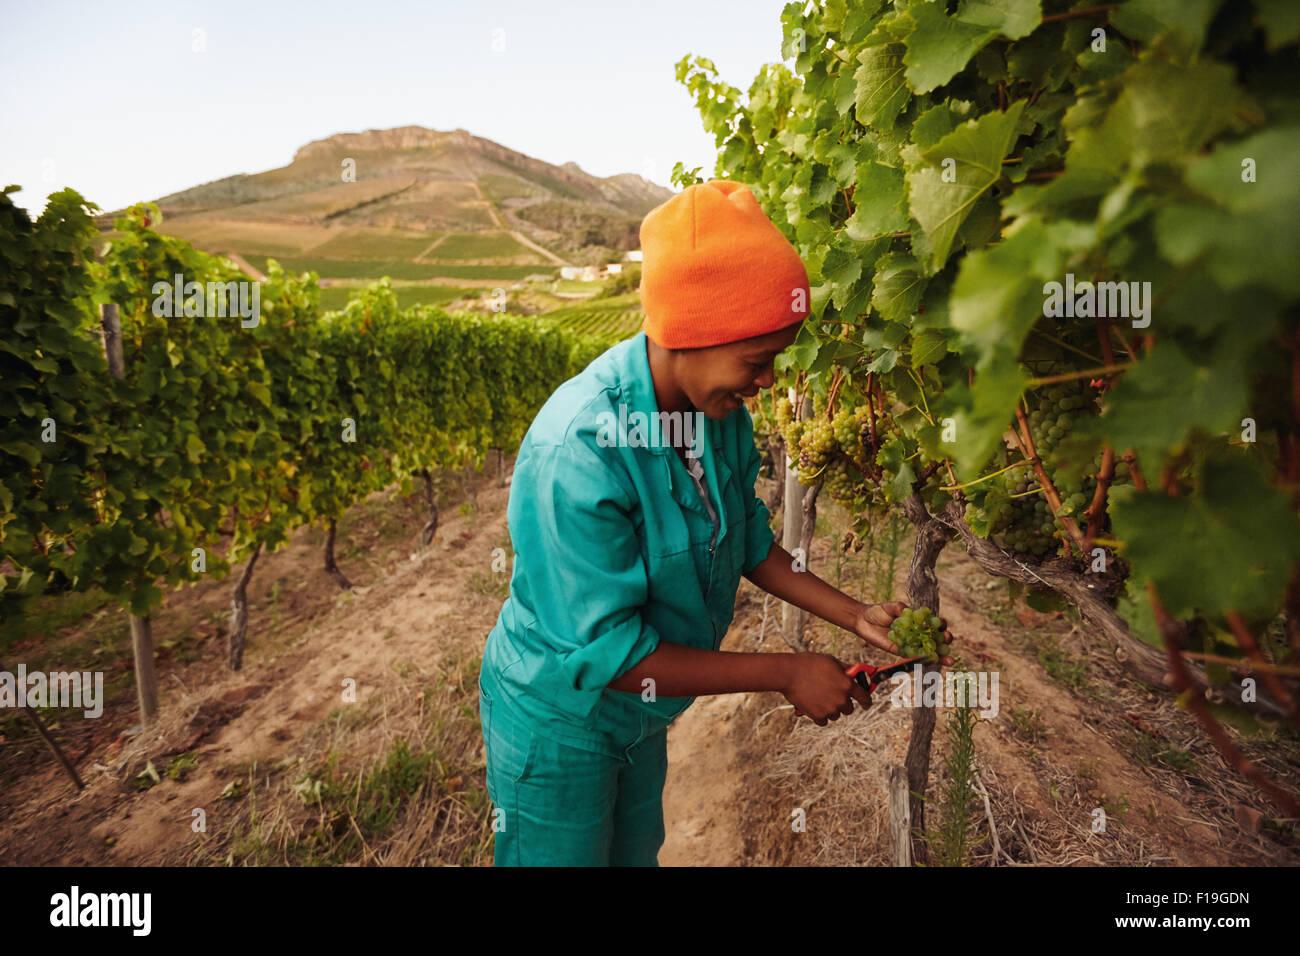 Donna in vigna di uve di prelievo. Raccolta raccoglitrice di uva sulla vite. Immagini Stock